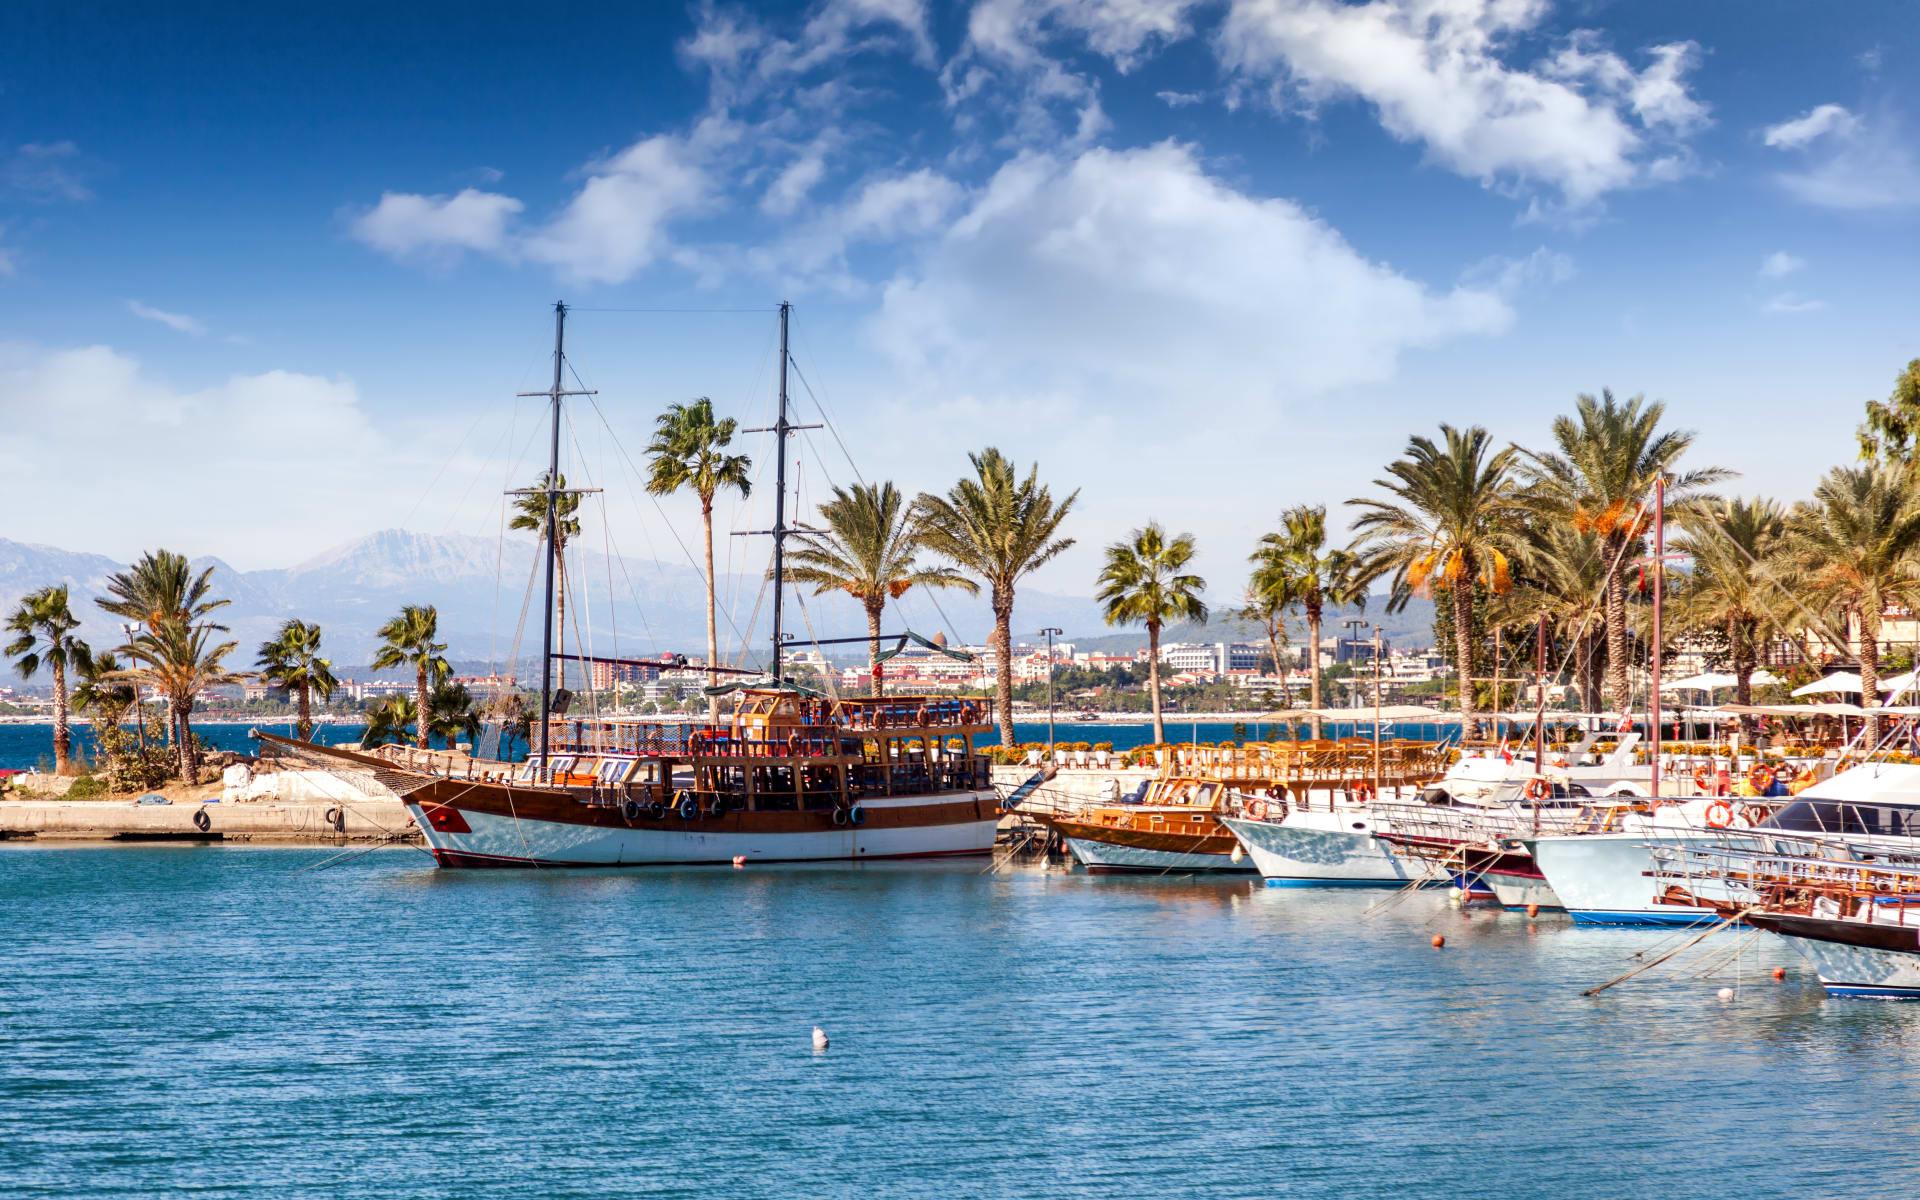 Badeferien im Ali Bey Resort ab Antalya: Hafen_Türkei